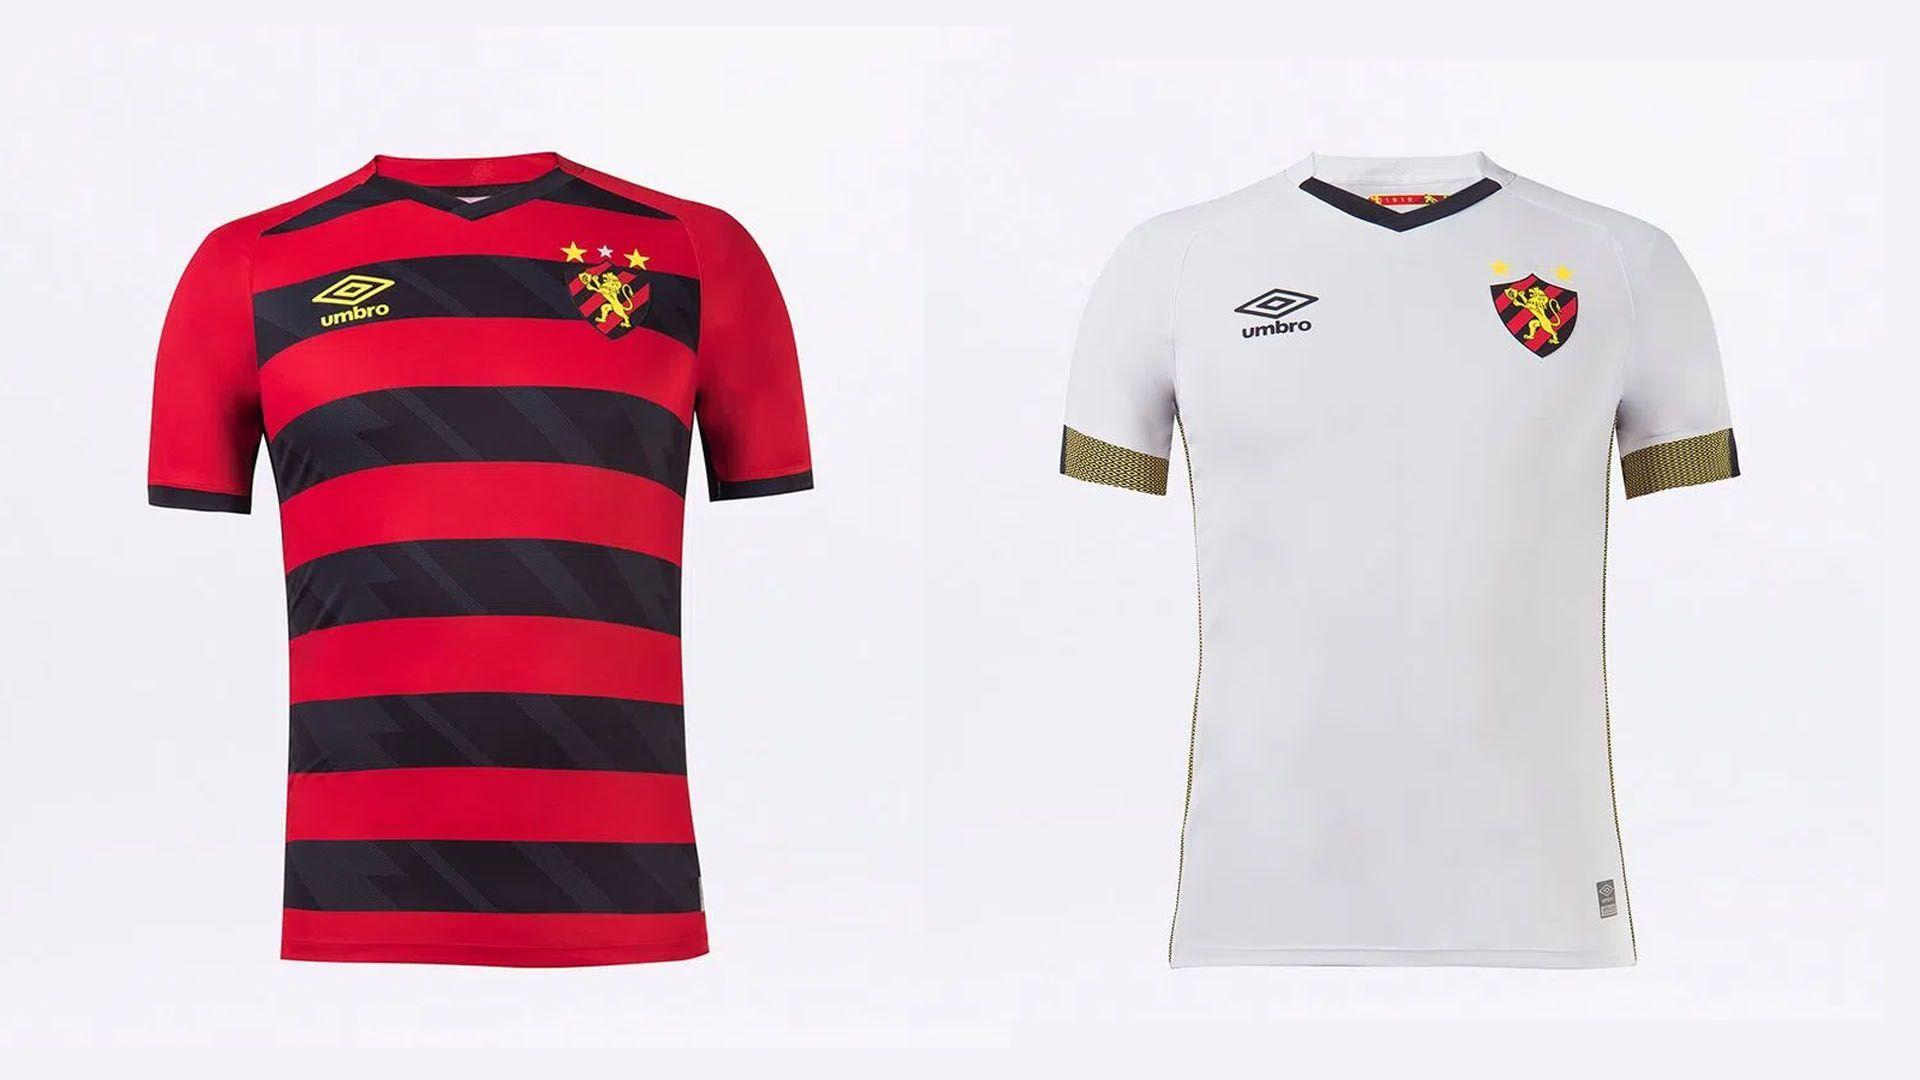 Camisa do Sport 2021 Umbro Jogo 1 e 2 (Imagem: Divulgação/Umbro)